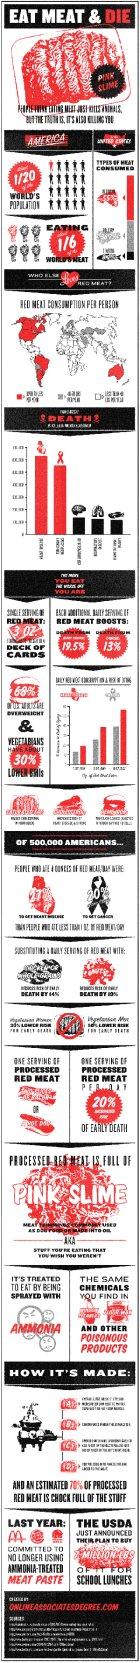 Eat Meat & Die